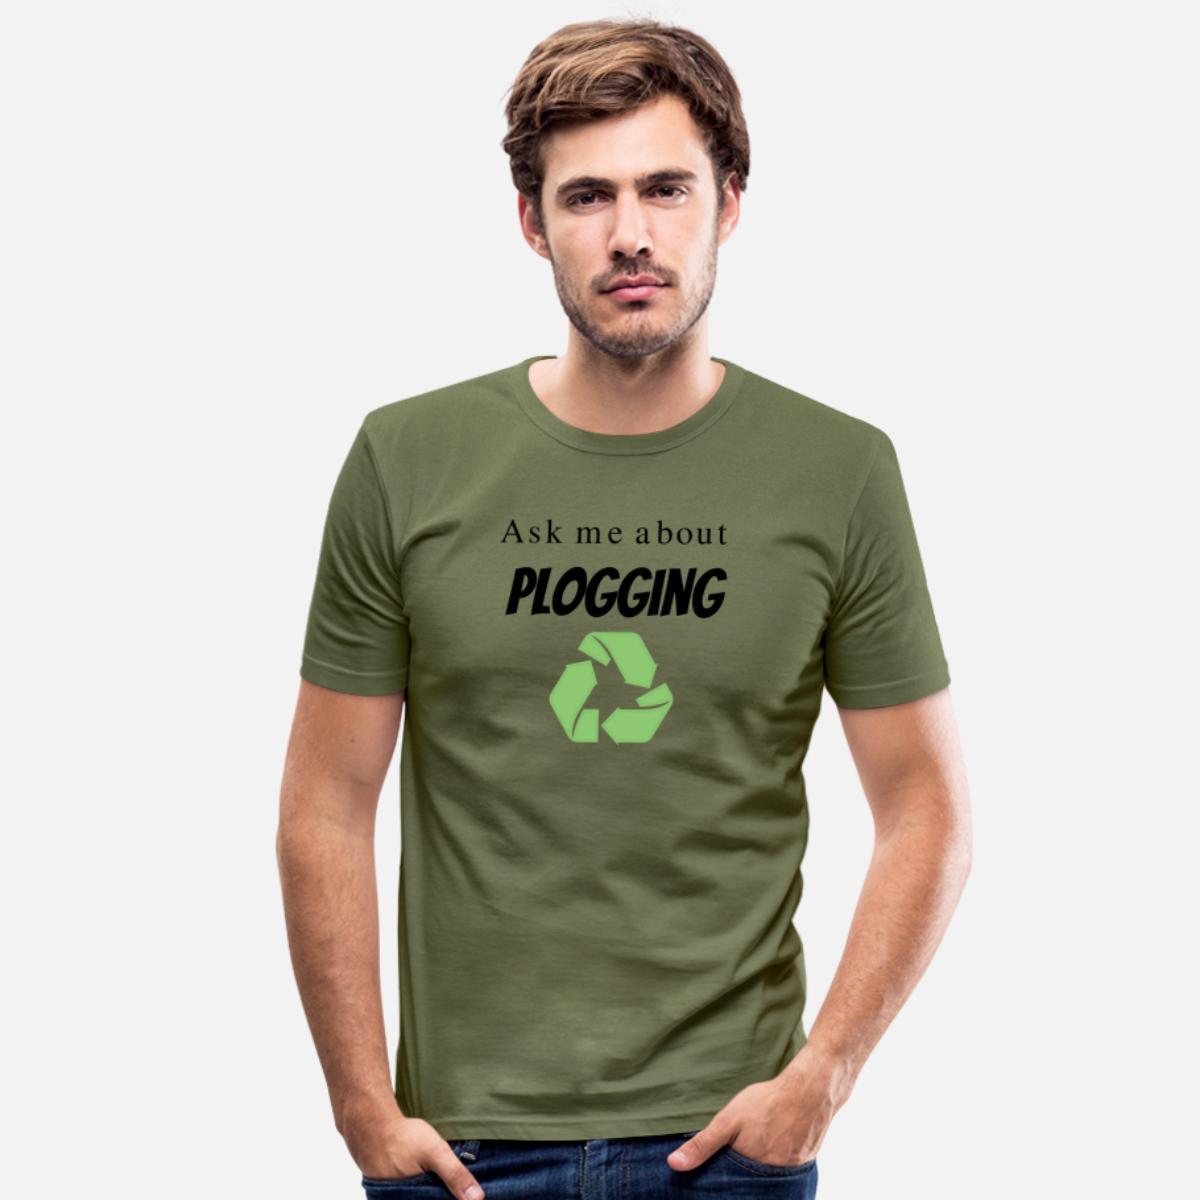 Männer Slim Fit T-Shirt Ask me about Plogging - Frag mich nach Plogging von Christine aka stine1 auf Spreadshirt